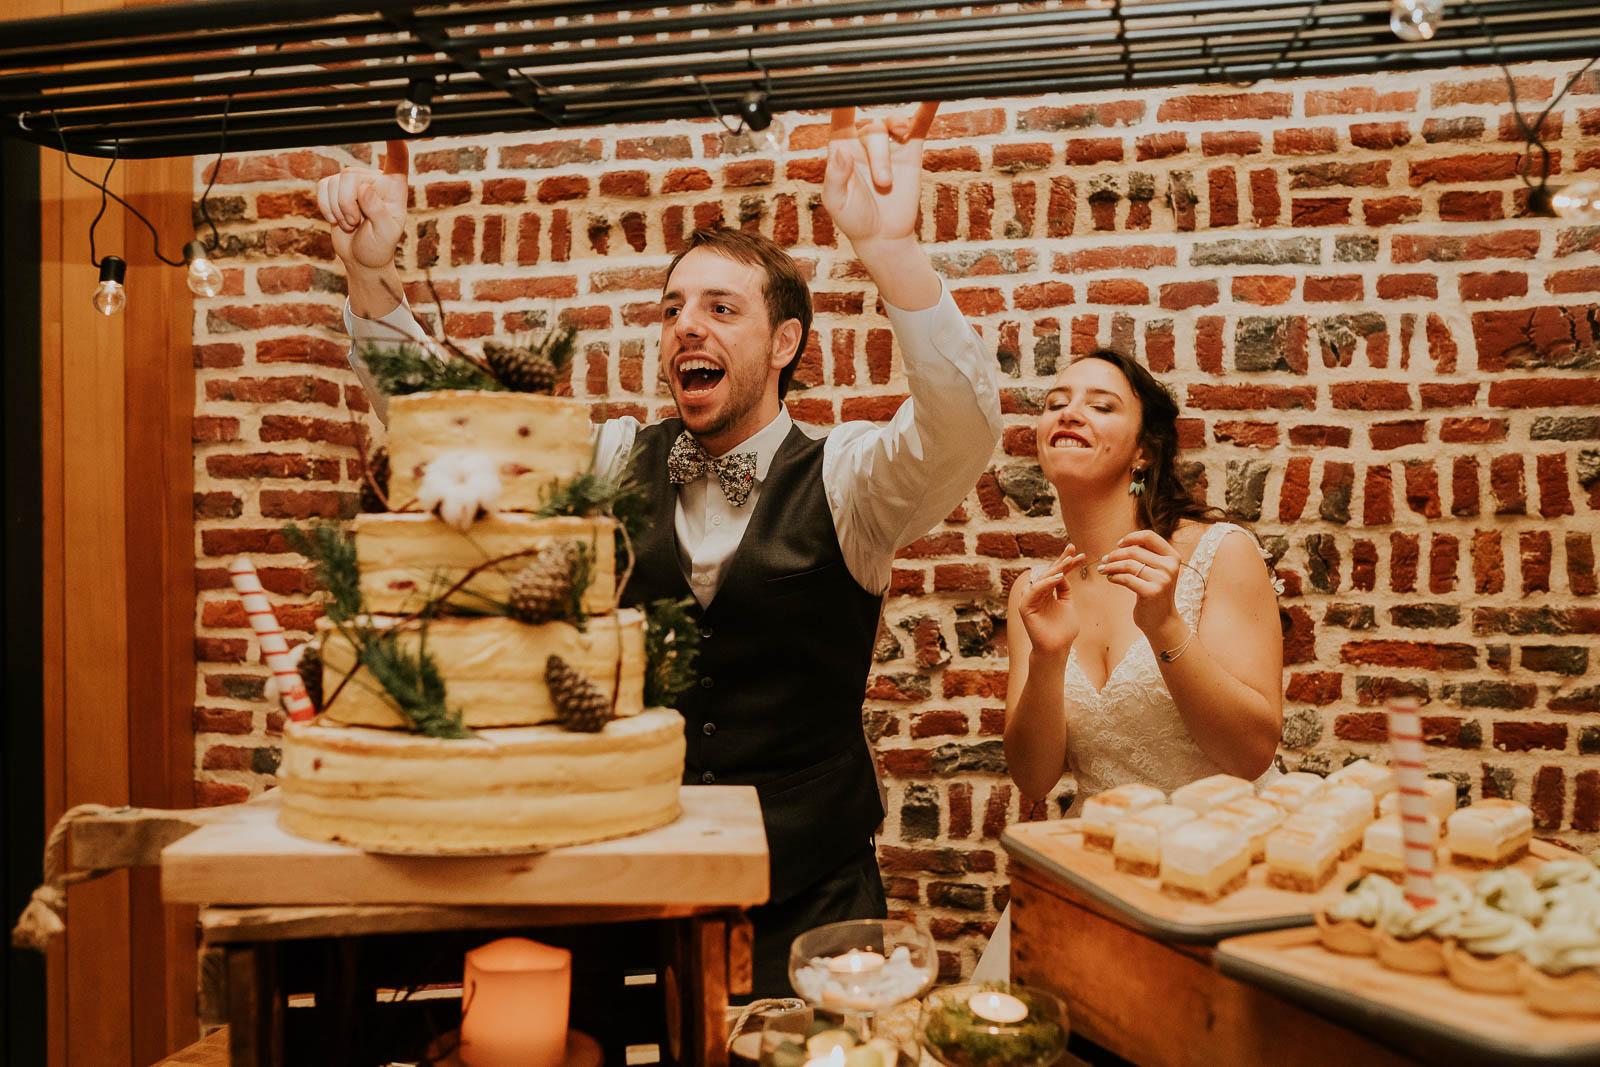 Présentation des desserts au Domaine de la Traxène